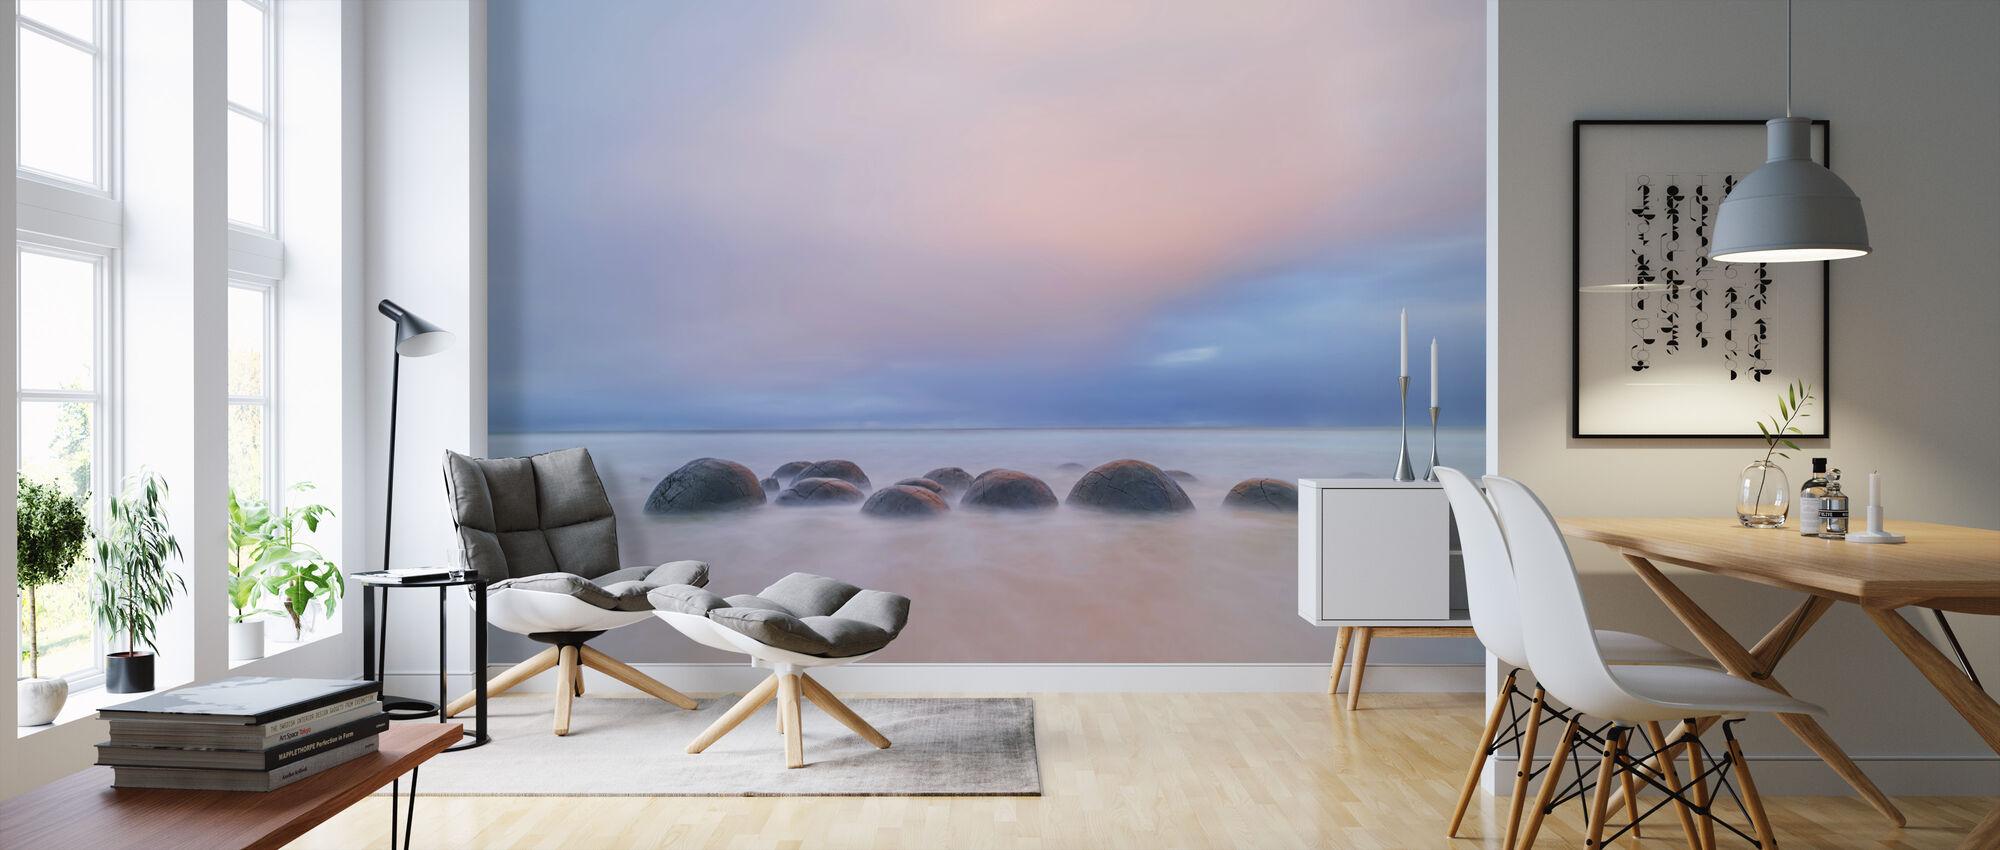 Moeraki Boulders - Wallpaper - Living Room